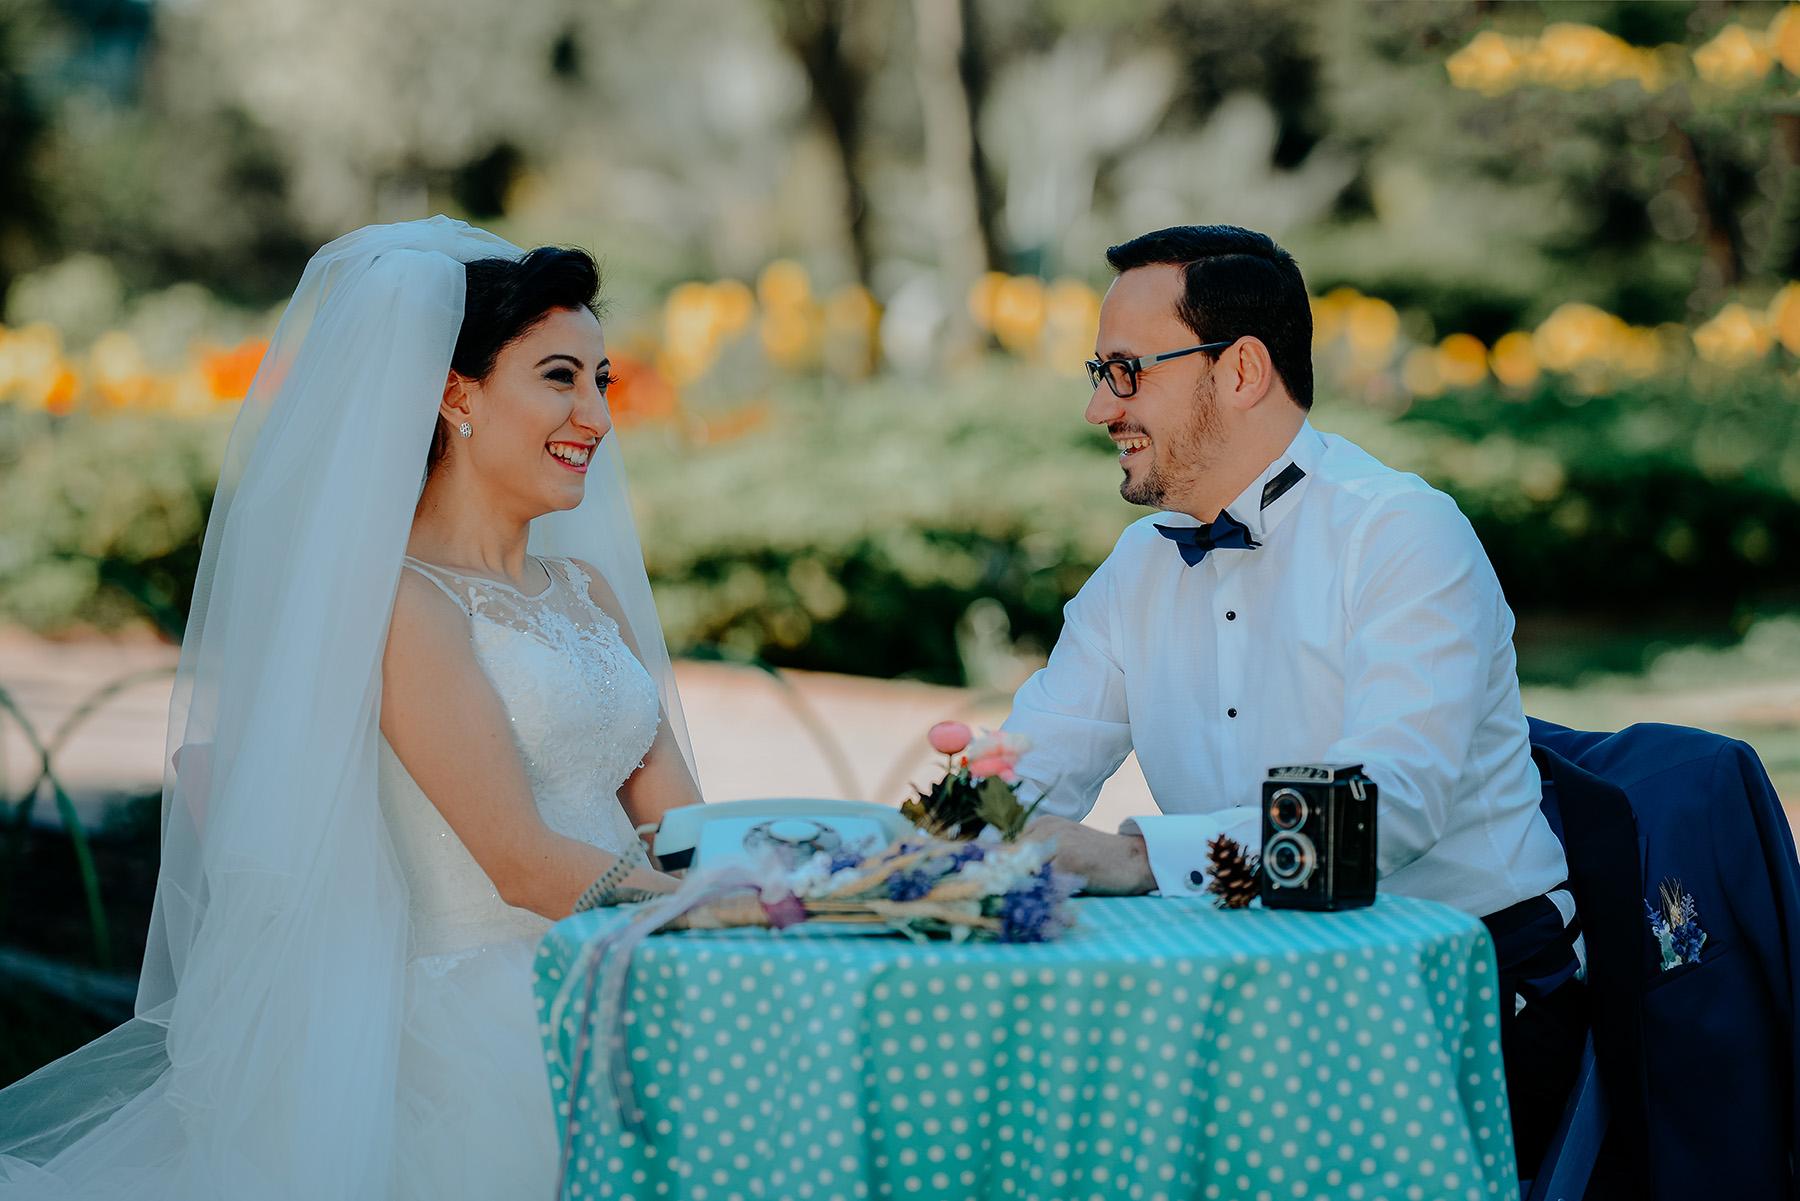 küçükçekmece düğün fotoğrafçısı, küçükçekmece fotoğrafçı, küçükçekmece gelin damat fotoğrafçısı, küçükçekmece nişan fotoğrafçısı, küçükçekmece dış mekan foto çekim